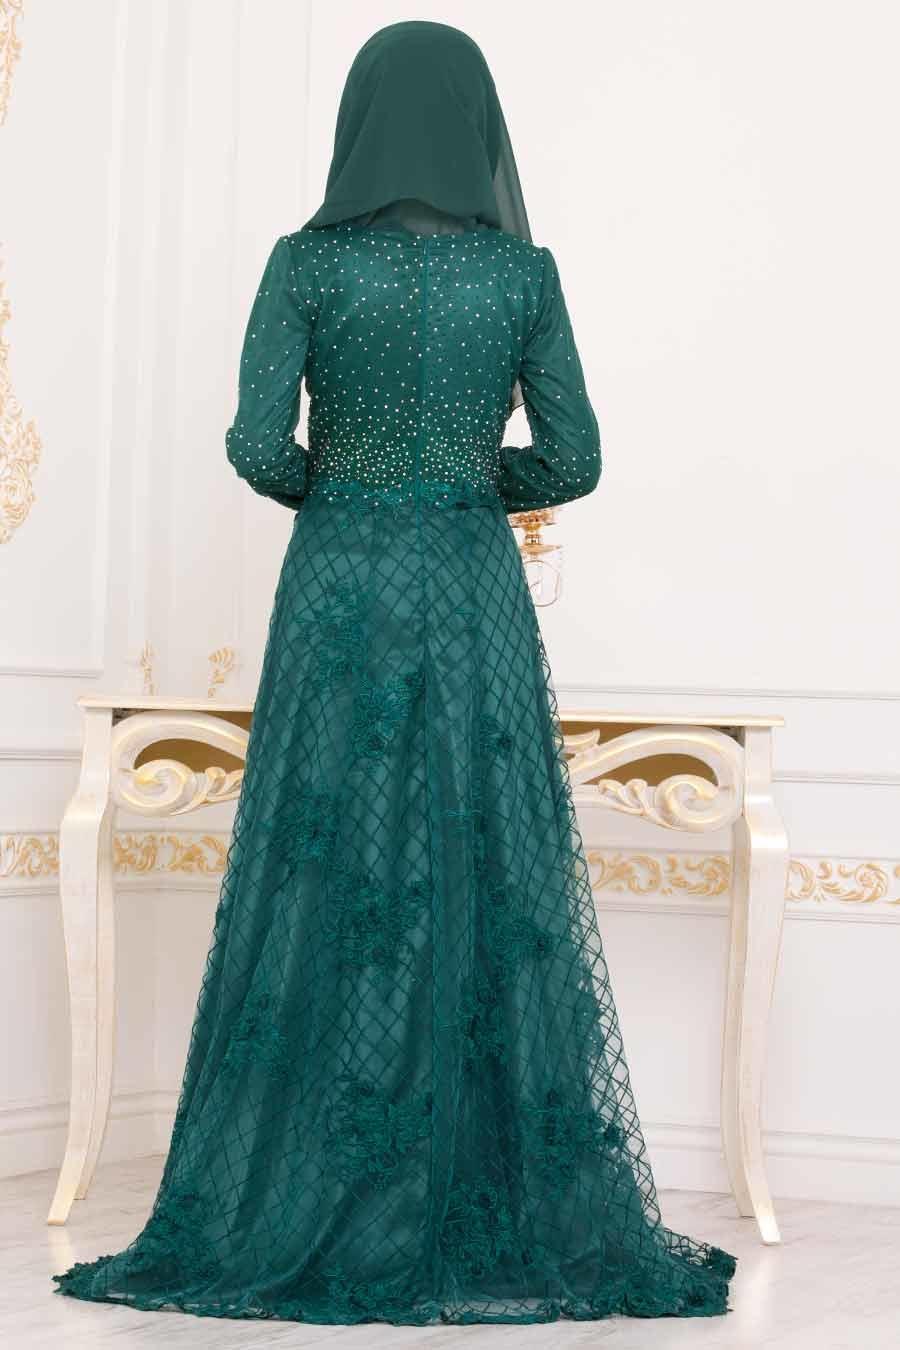 Tesettürlü Abiye Elbise - Üzeri Taş Detaylı Yeşil Tesettür Abiye Elbise 4394Y